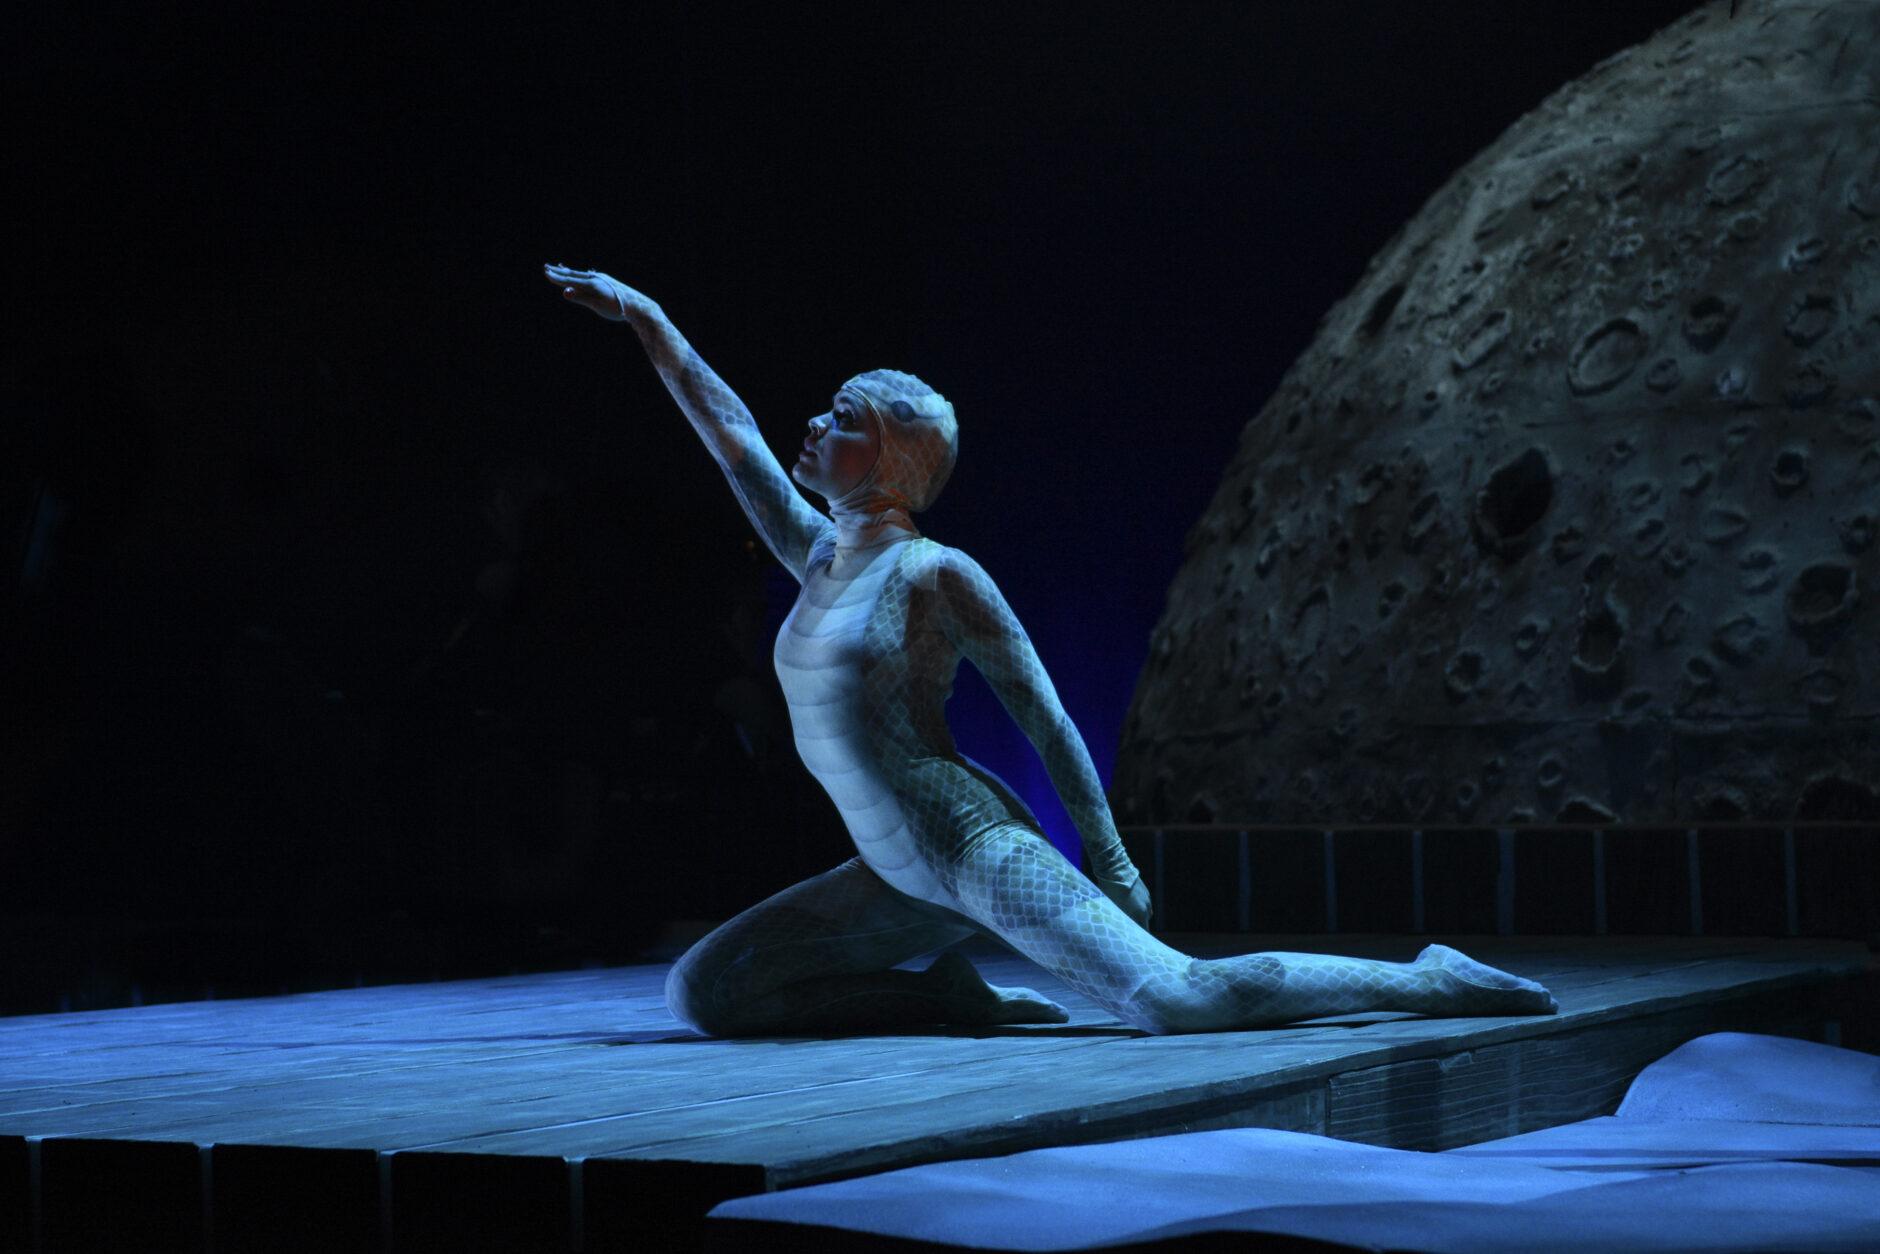 Antoine, el musical - La increíble historia del creador de El Principito 7